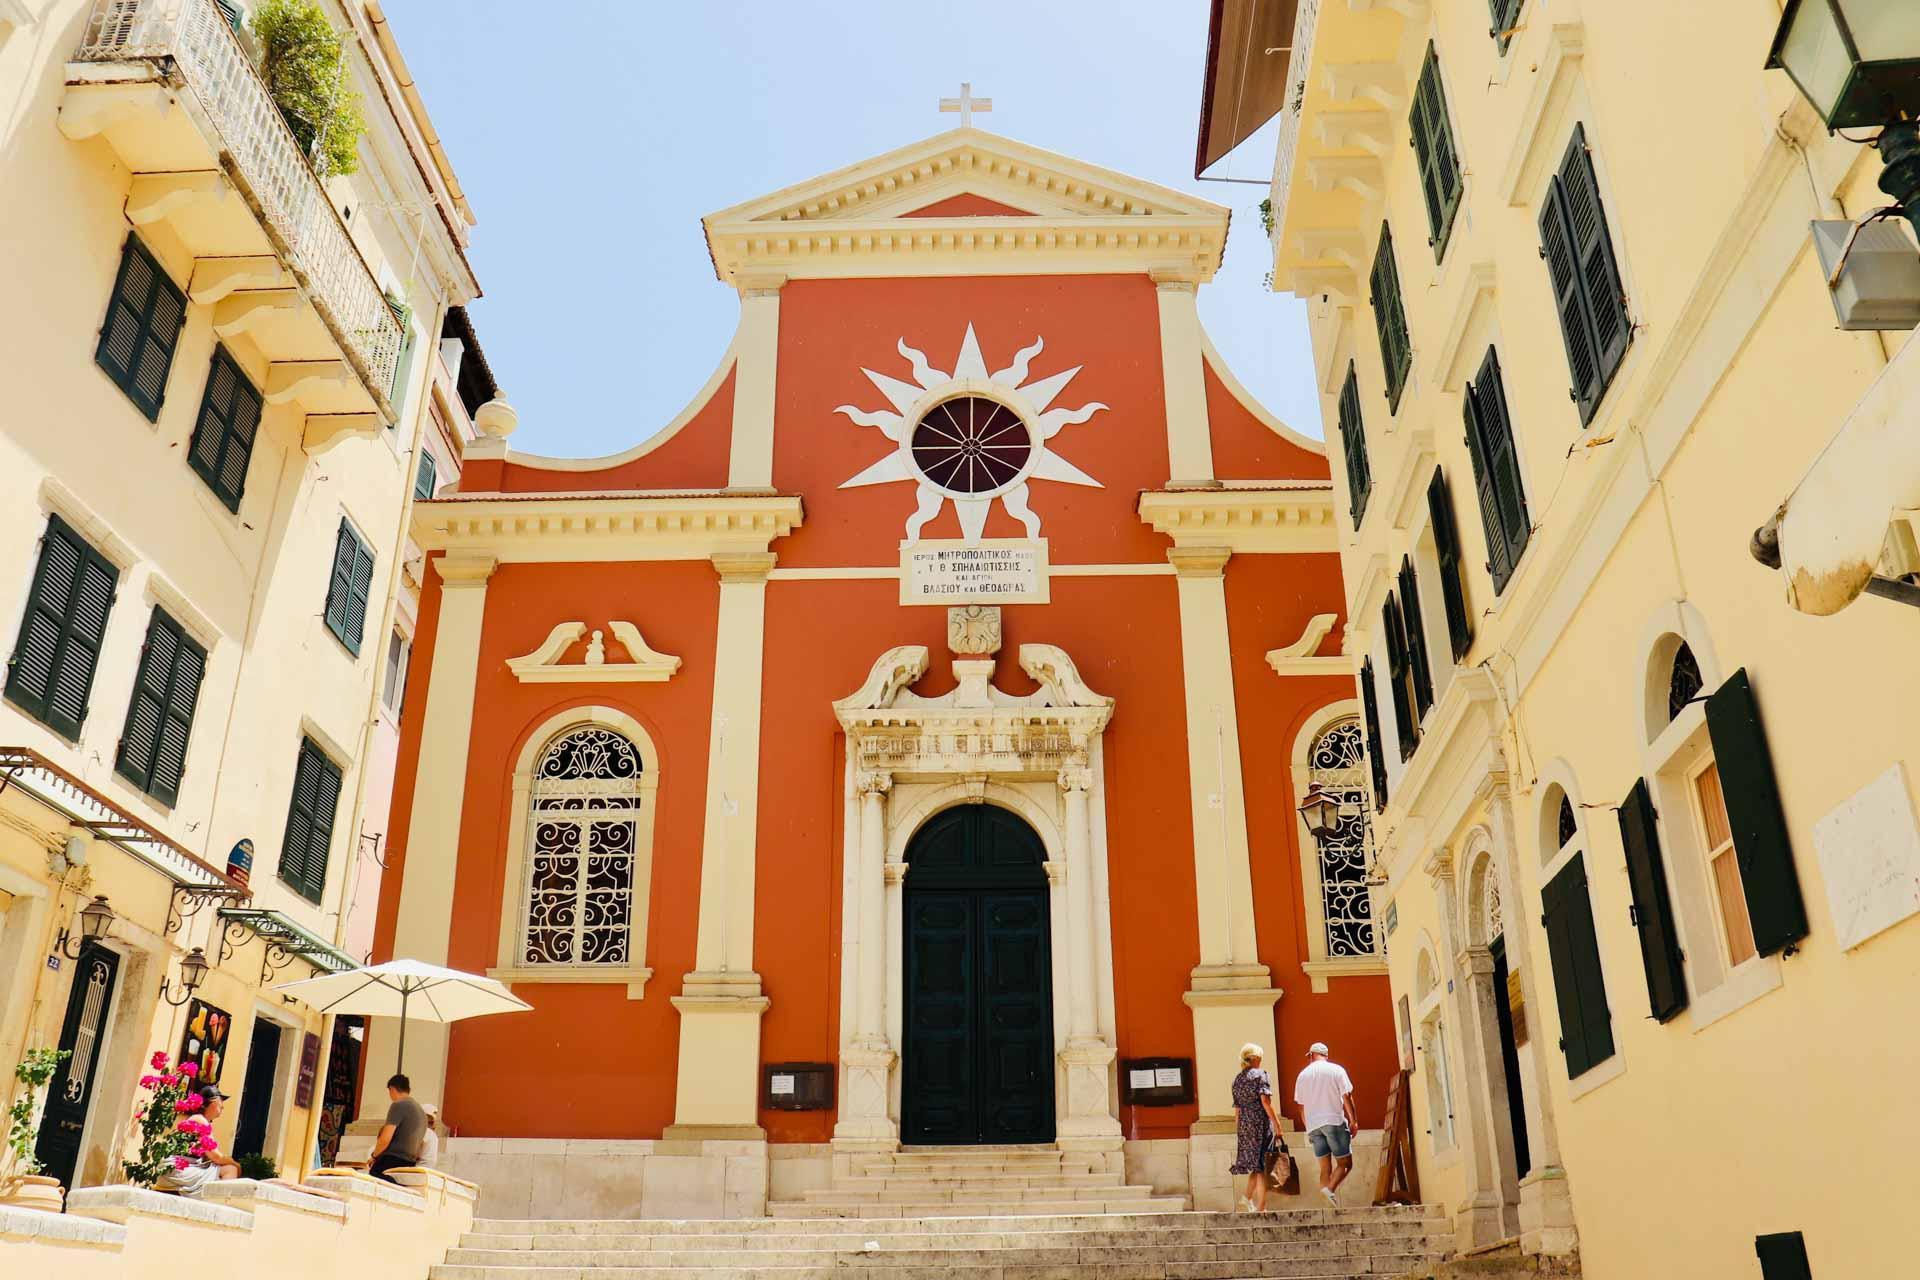 Eglise dans la vieille ville de Corfou © Pierre Gautrand